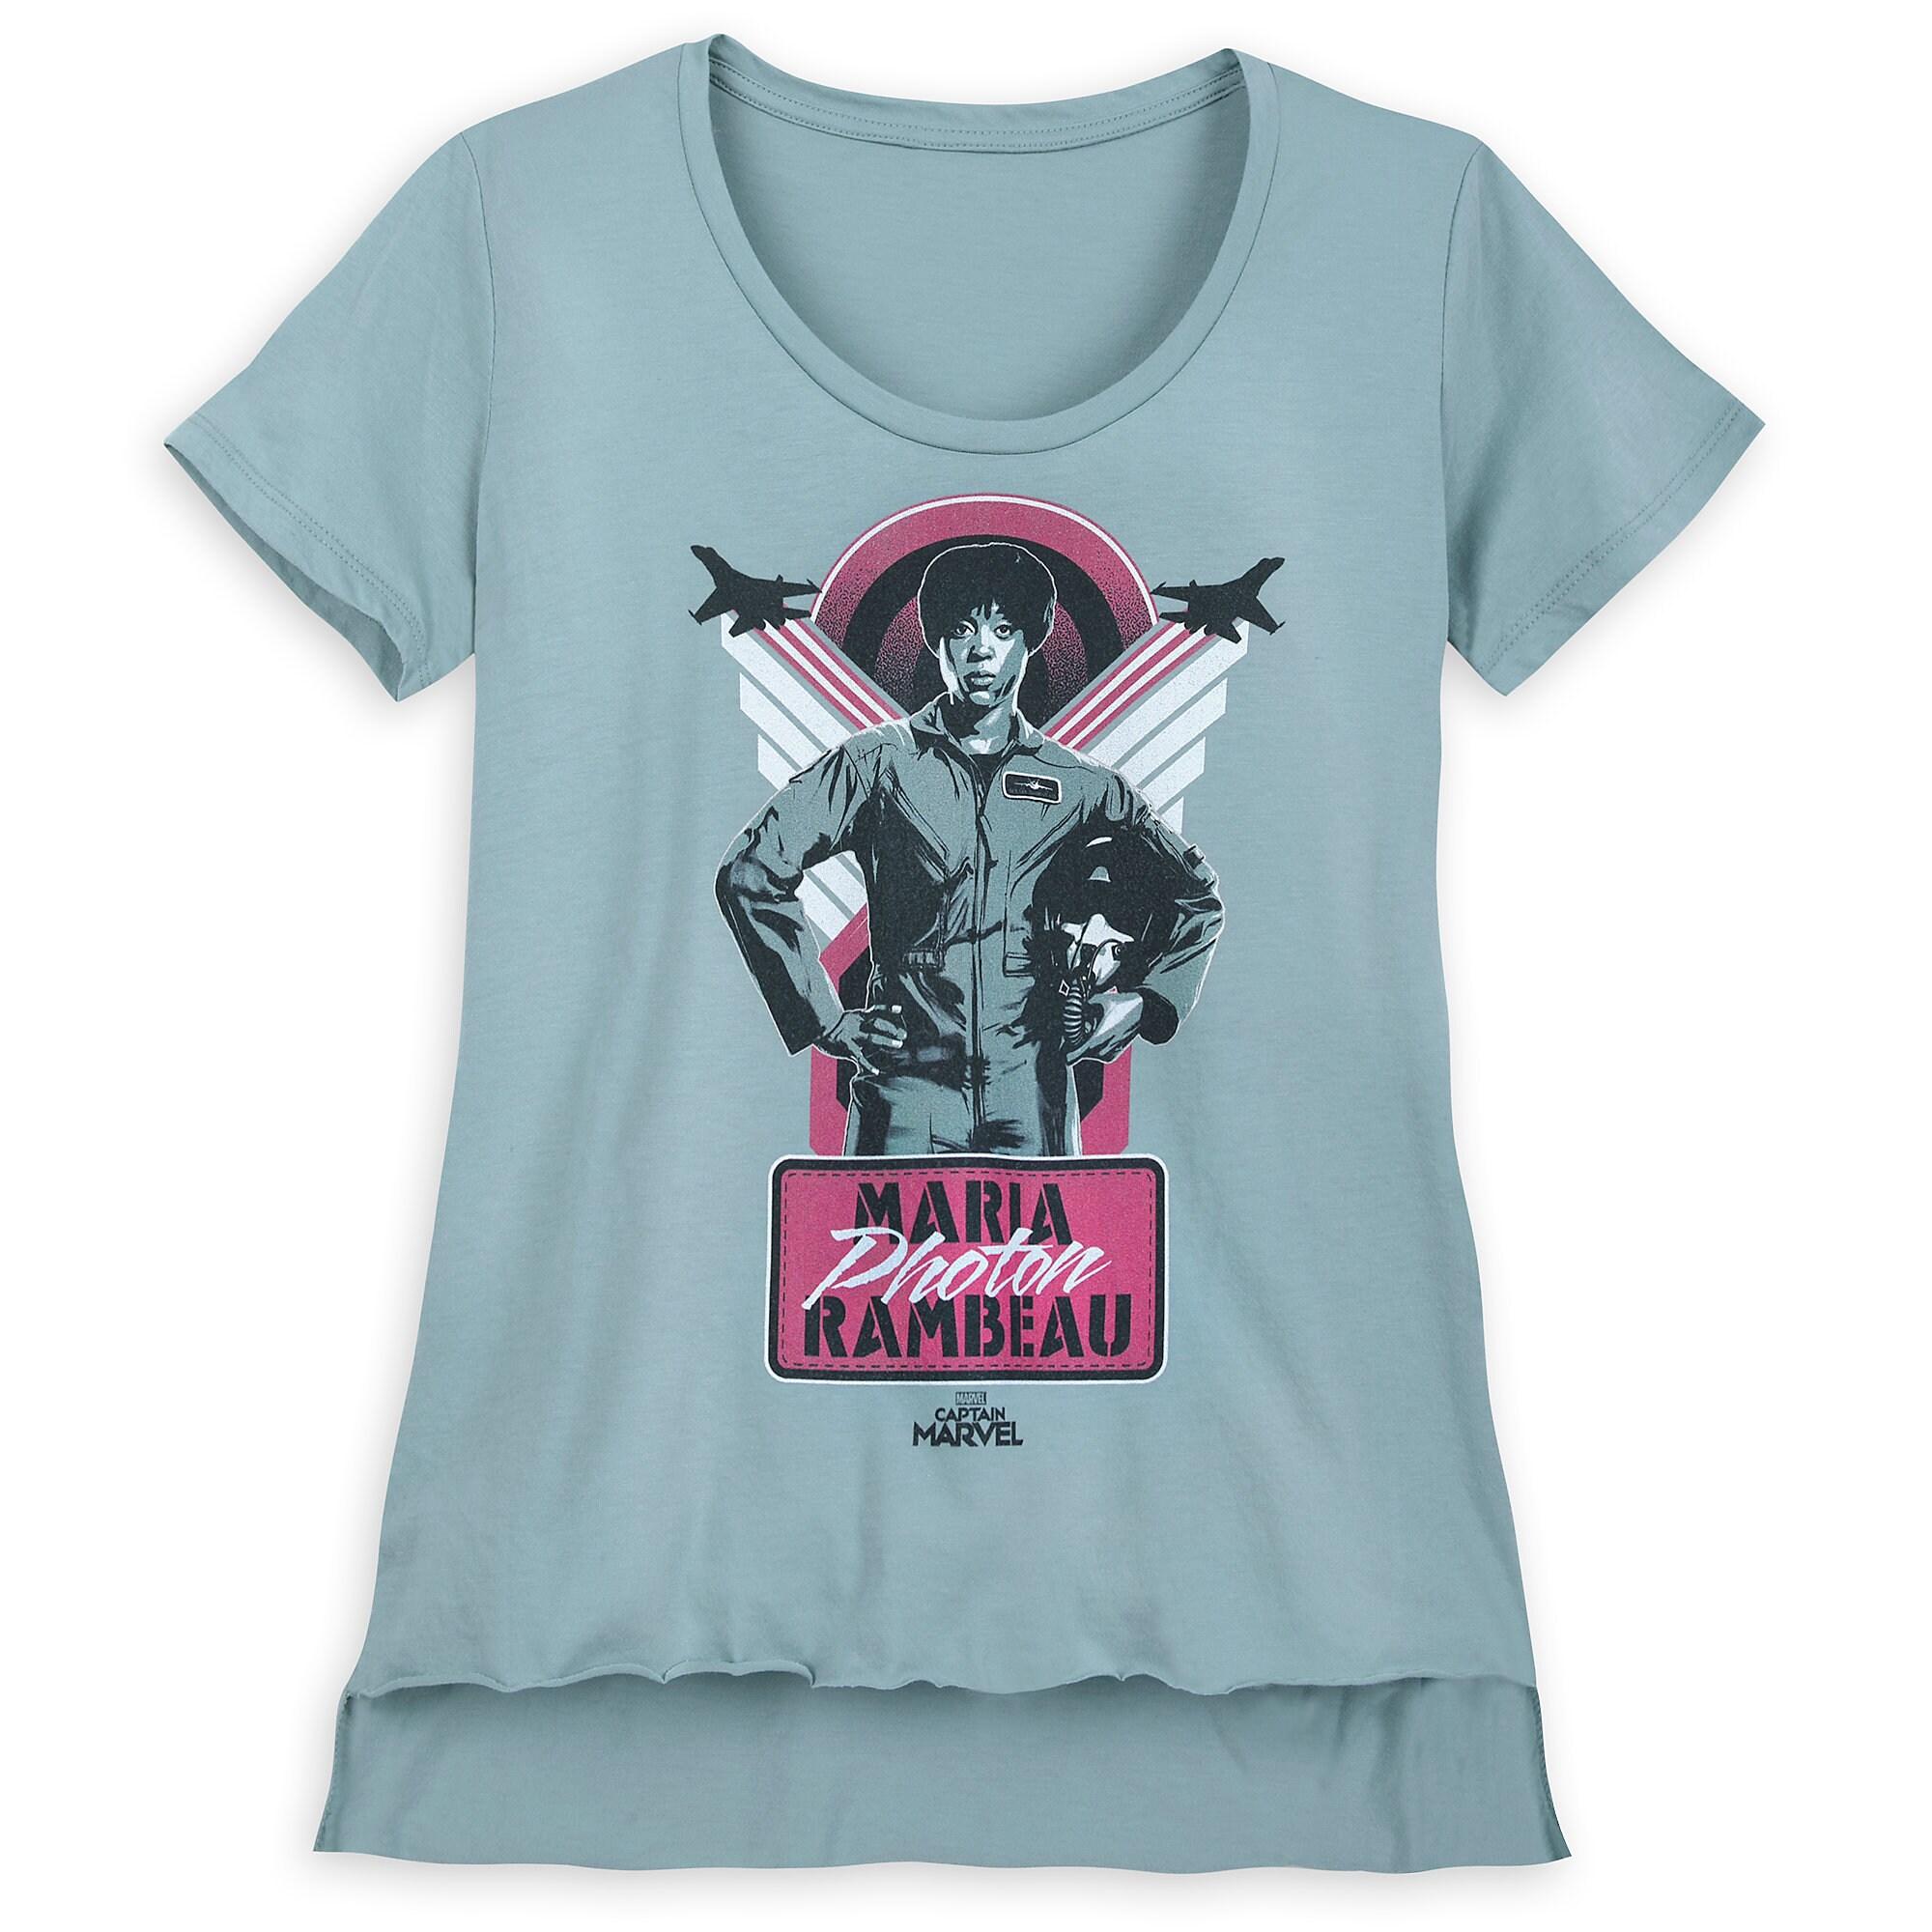 682fa02217c Maria photon rambeau shirt for women marvel captain marvel jpg 1200x1200 Captain  marvel shirt